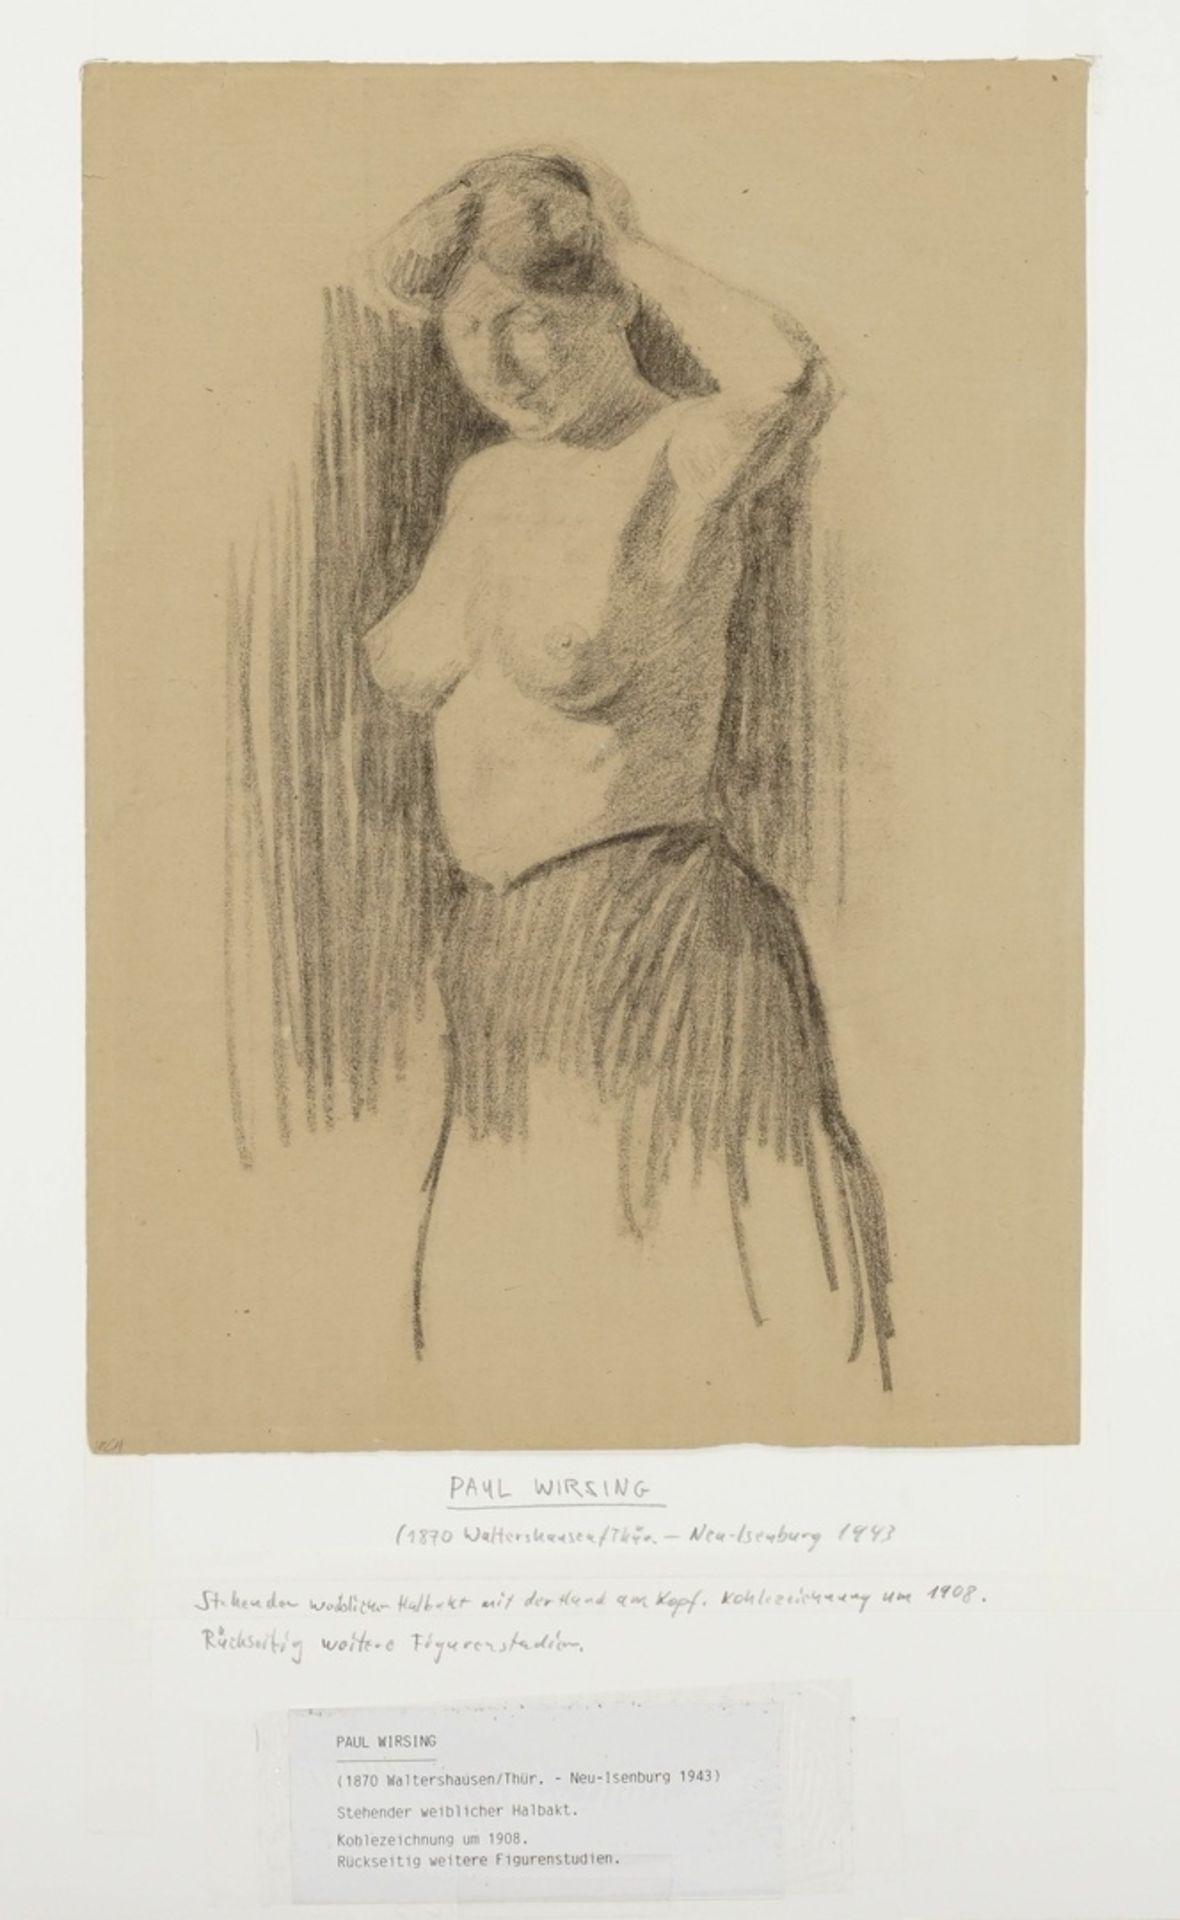 Paul Wirsing, Stehender weiblicher Halbakt, die linke Hand am Haar - Bild 3 aus 4